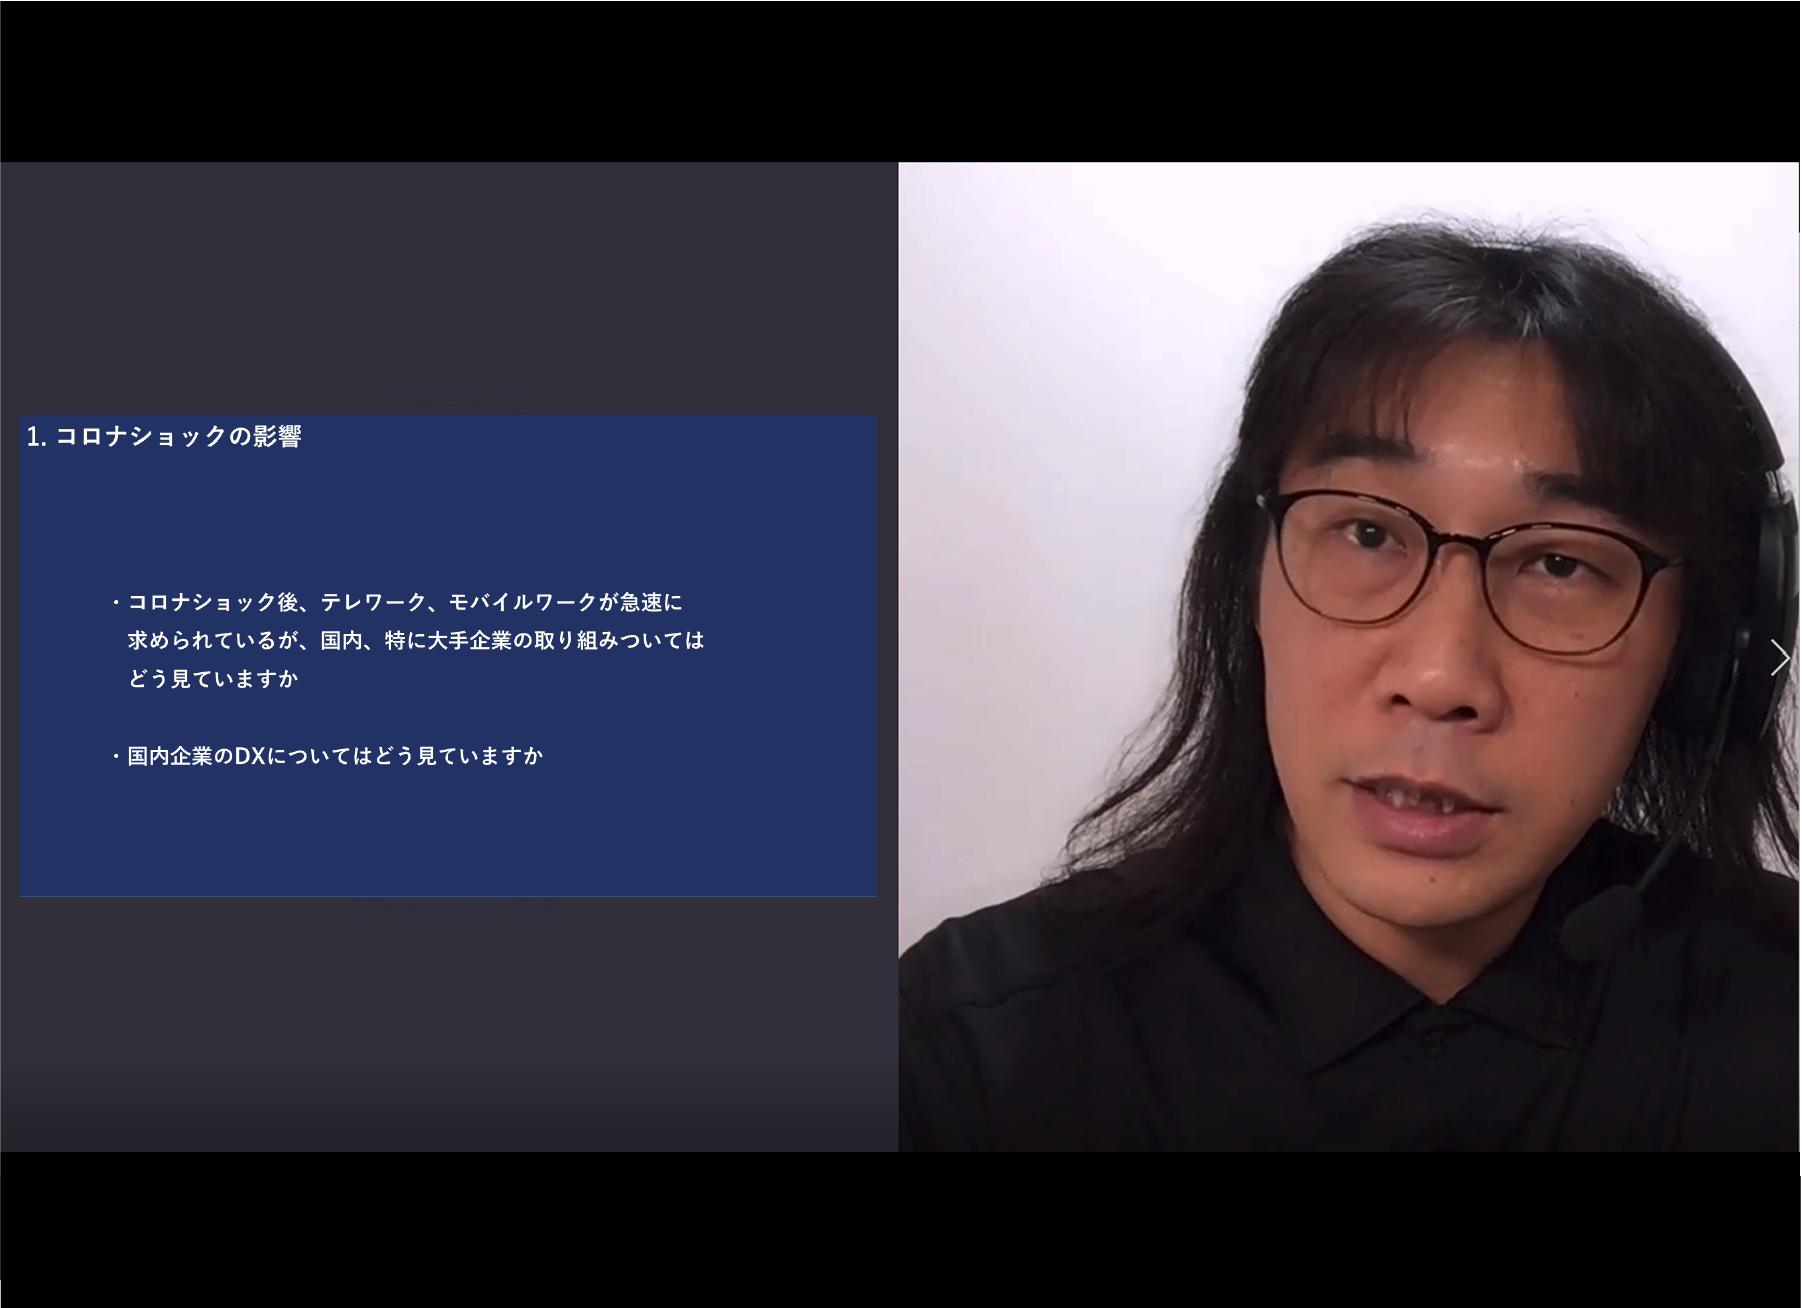 日本マイクロソフト株式会社クロスインテリジェンスセンター長吉田雄哉様